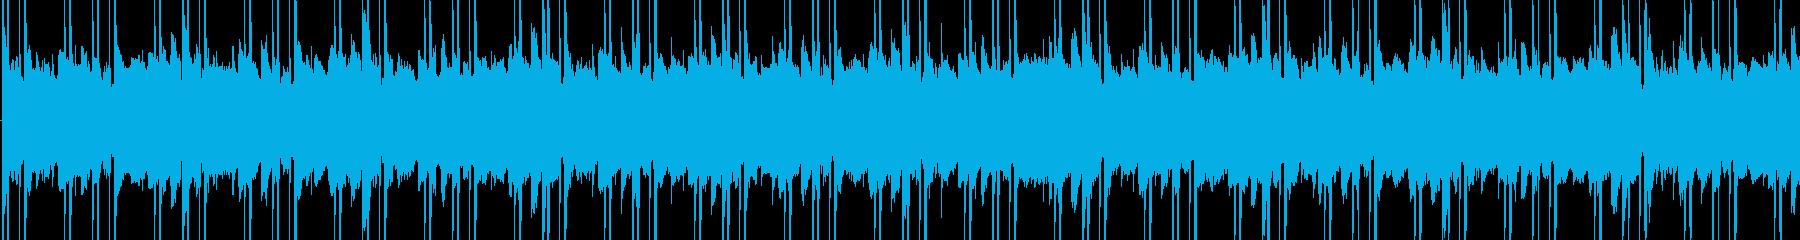 【チルアウト】ゆったり/トラップの再生済みの波形